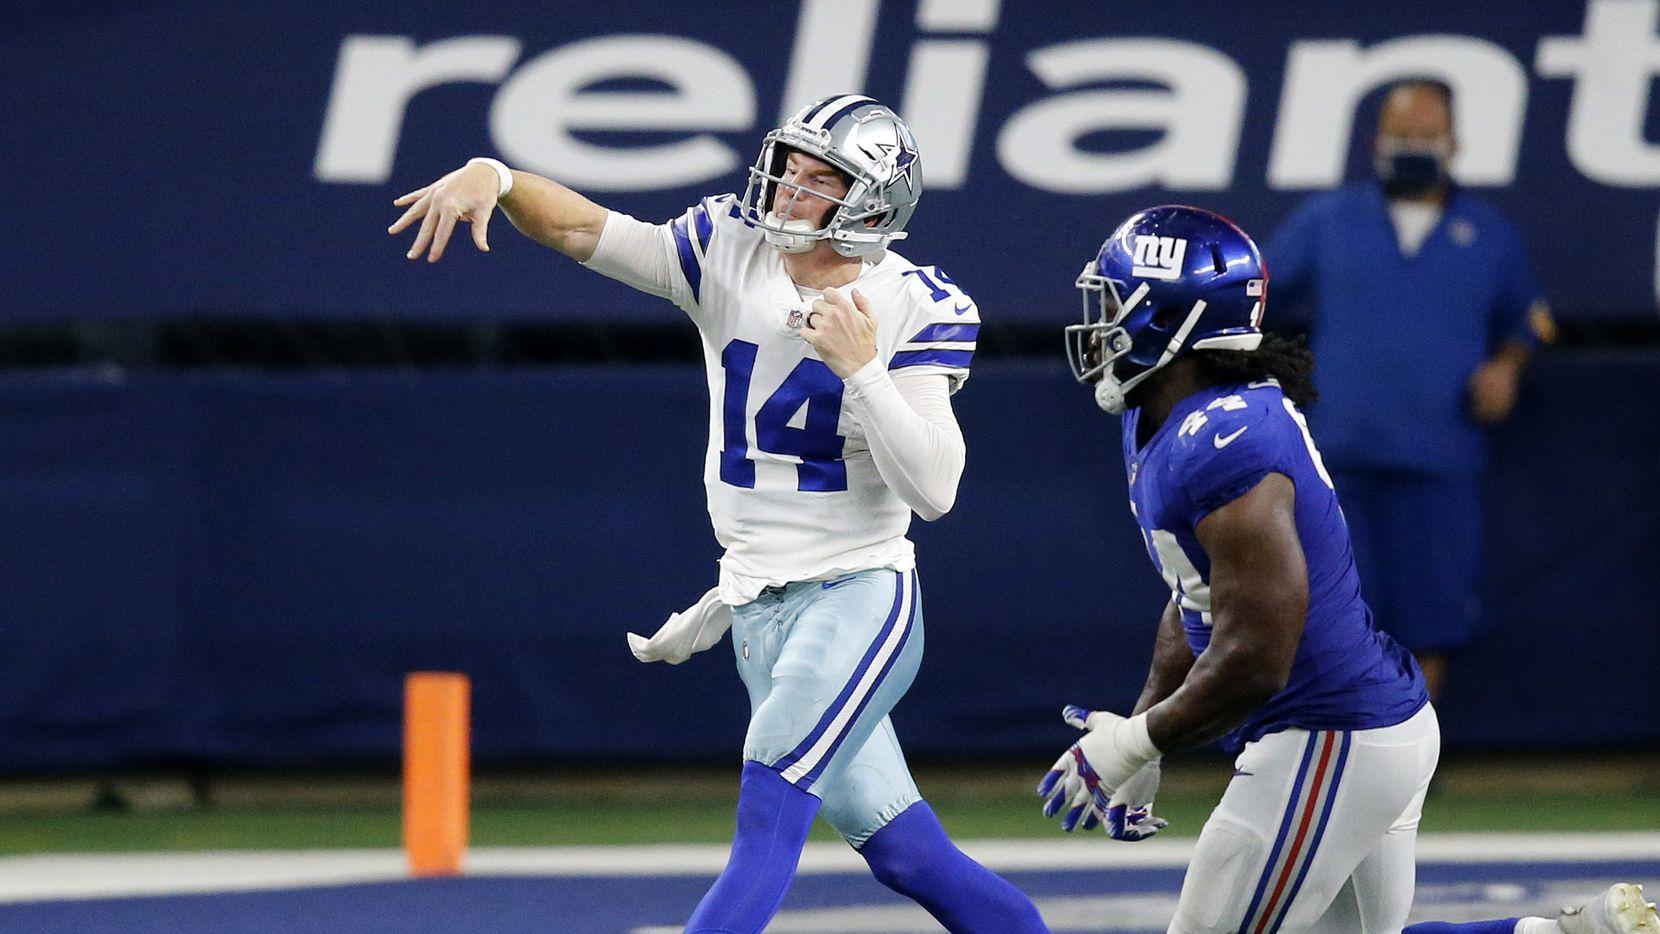 El mariscal de los Dallas Cowboys, Andy Dalton (14), lanza un pase en el juego contra los NTY Giants, el 11 de octubre de 2020 en el AT&T Stadium de Arlington.